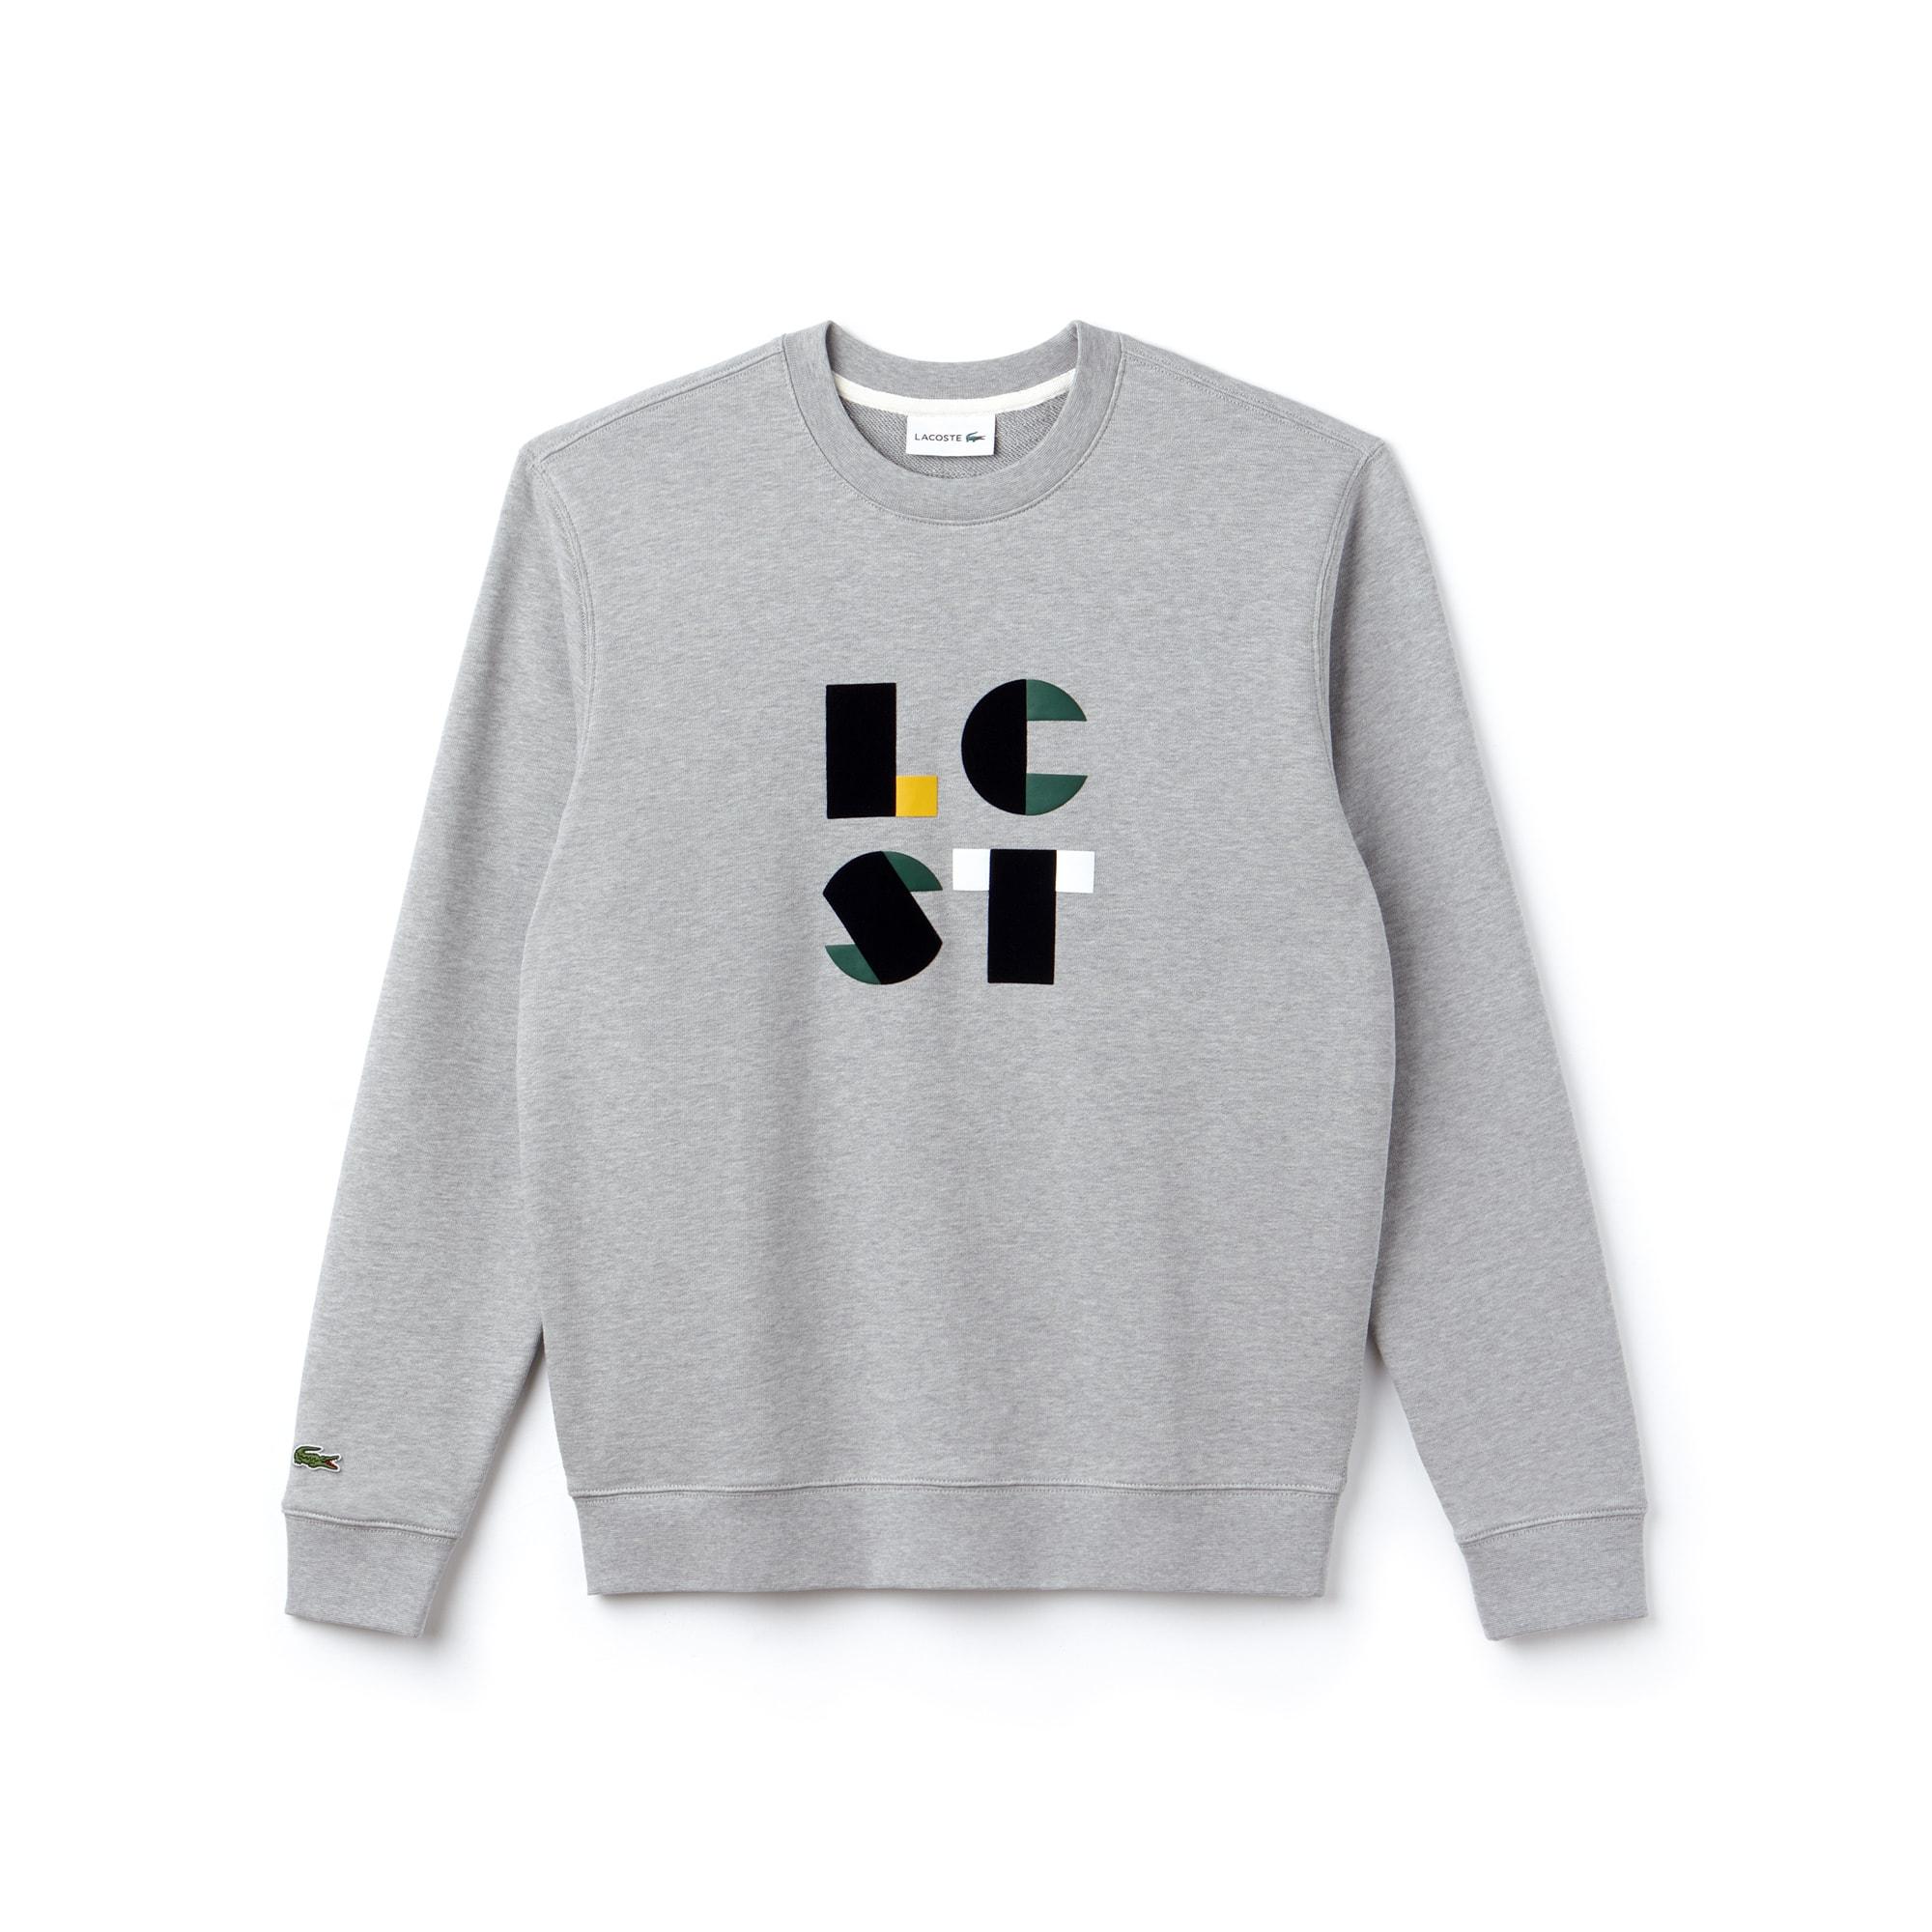 Men's Crew Neck Lacoste Lettering Cotton Fleece Sweatshirt